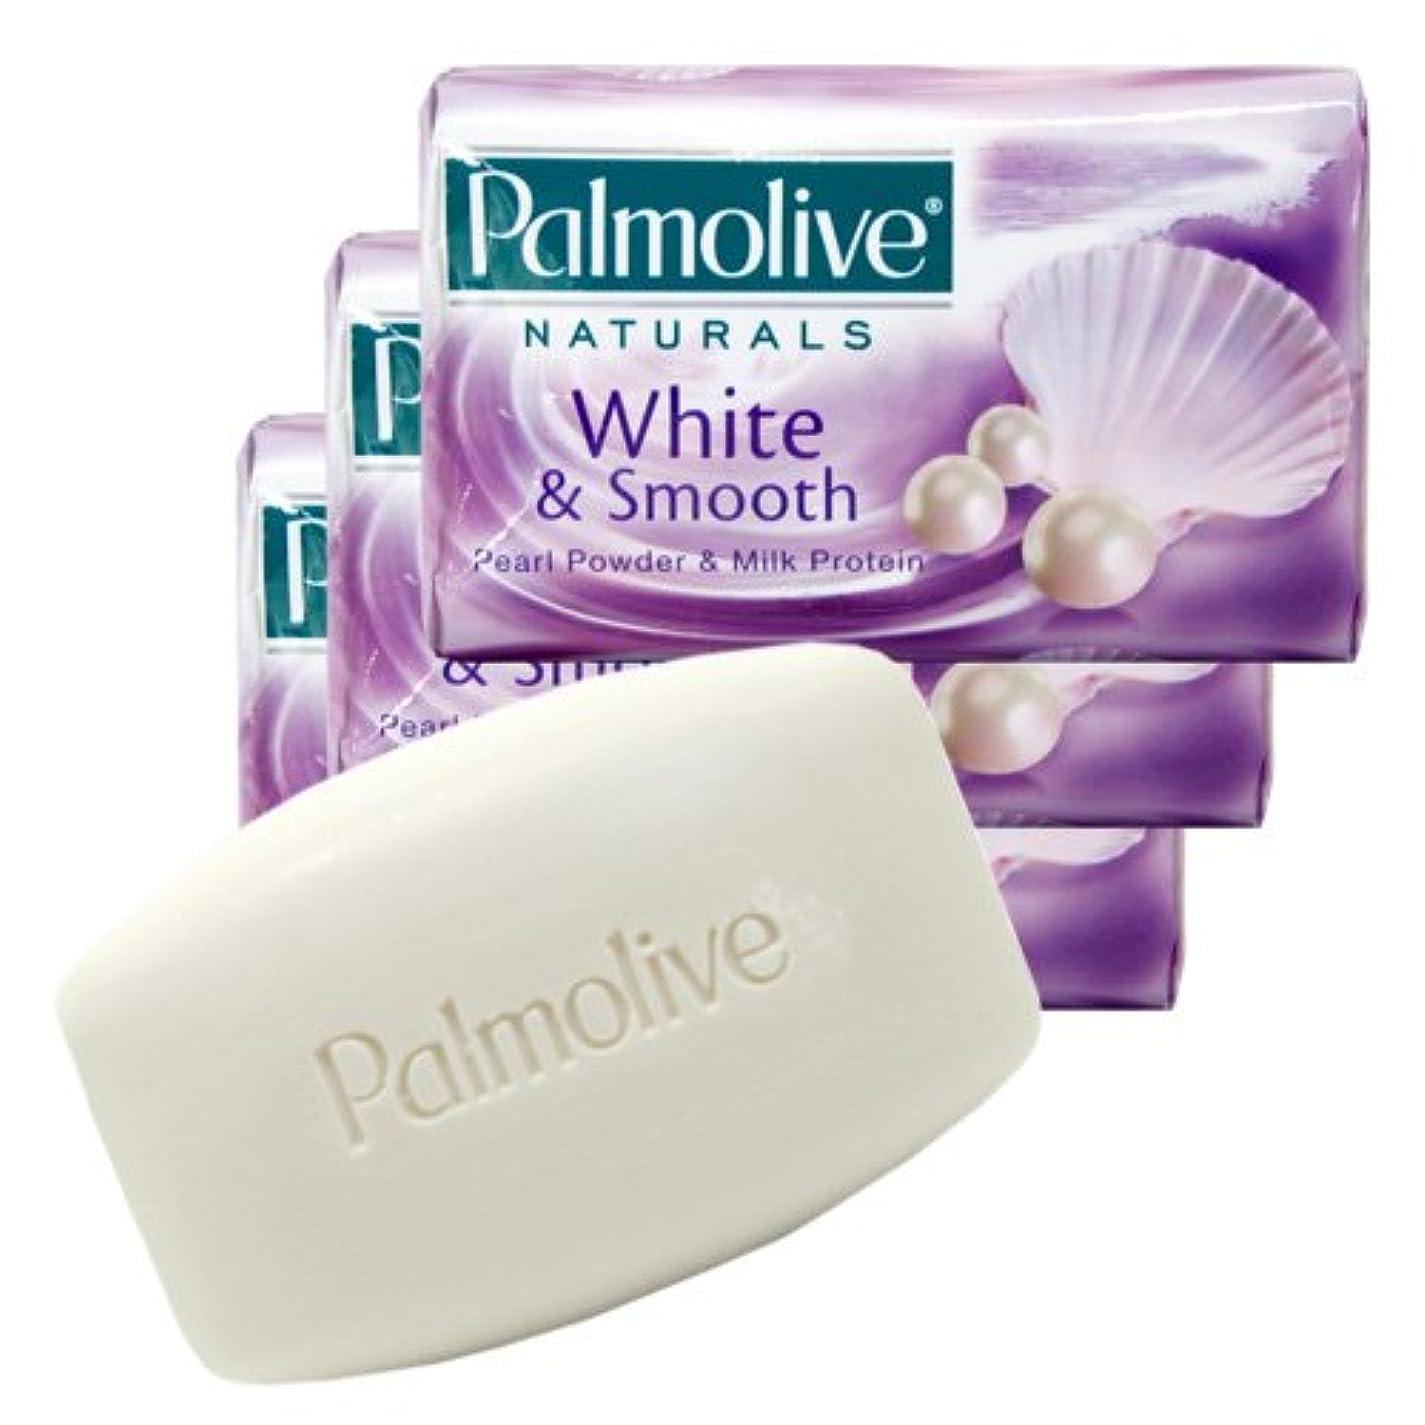 彼ら染料独特の【Palmolive】パルモリーブ ナチュラルズ石鹸3個パック ホワイト&スムース(パールパウダー&ミルクプロテイン)80g×3